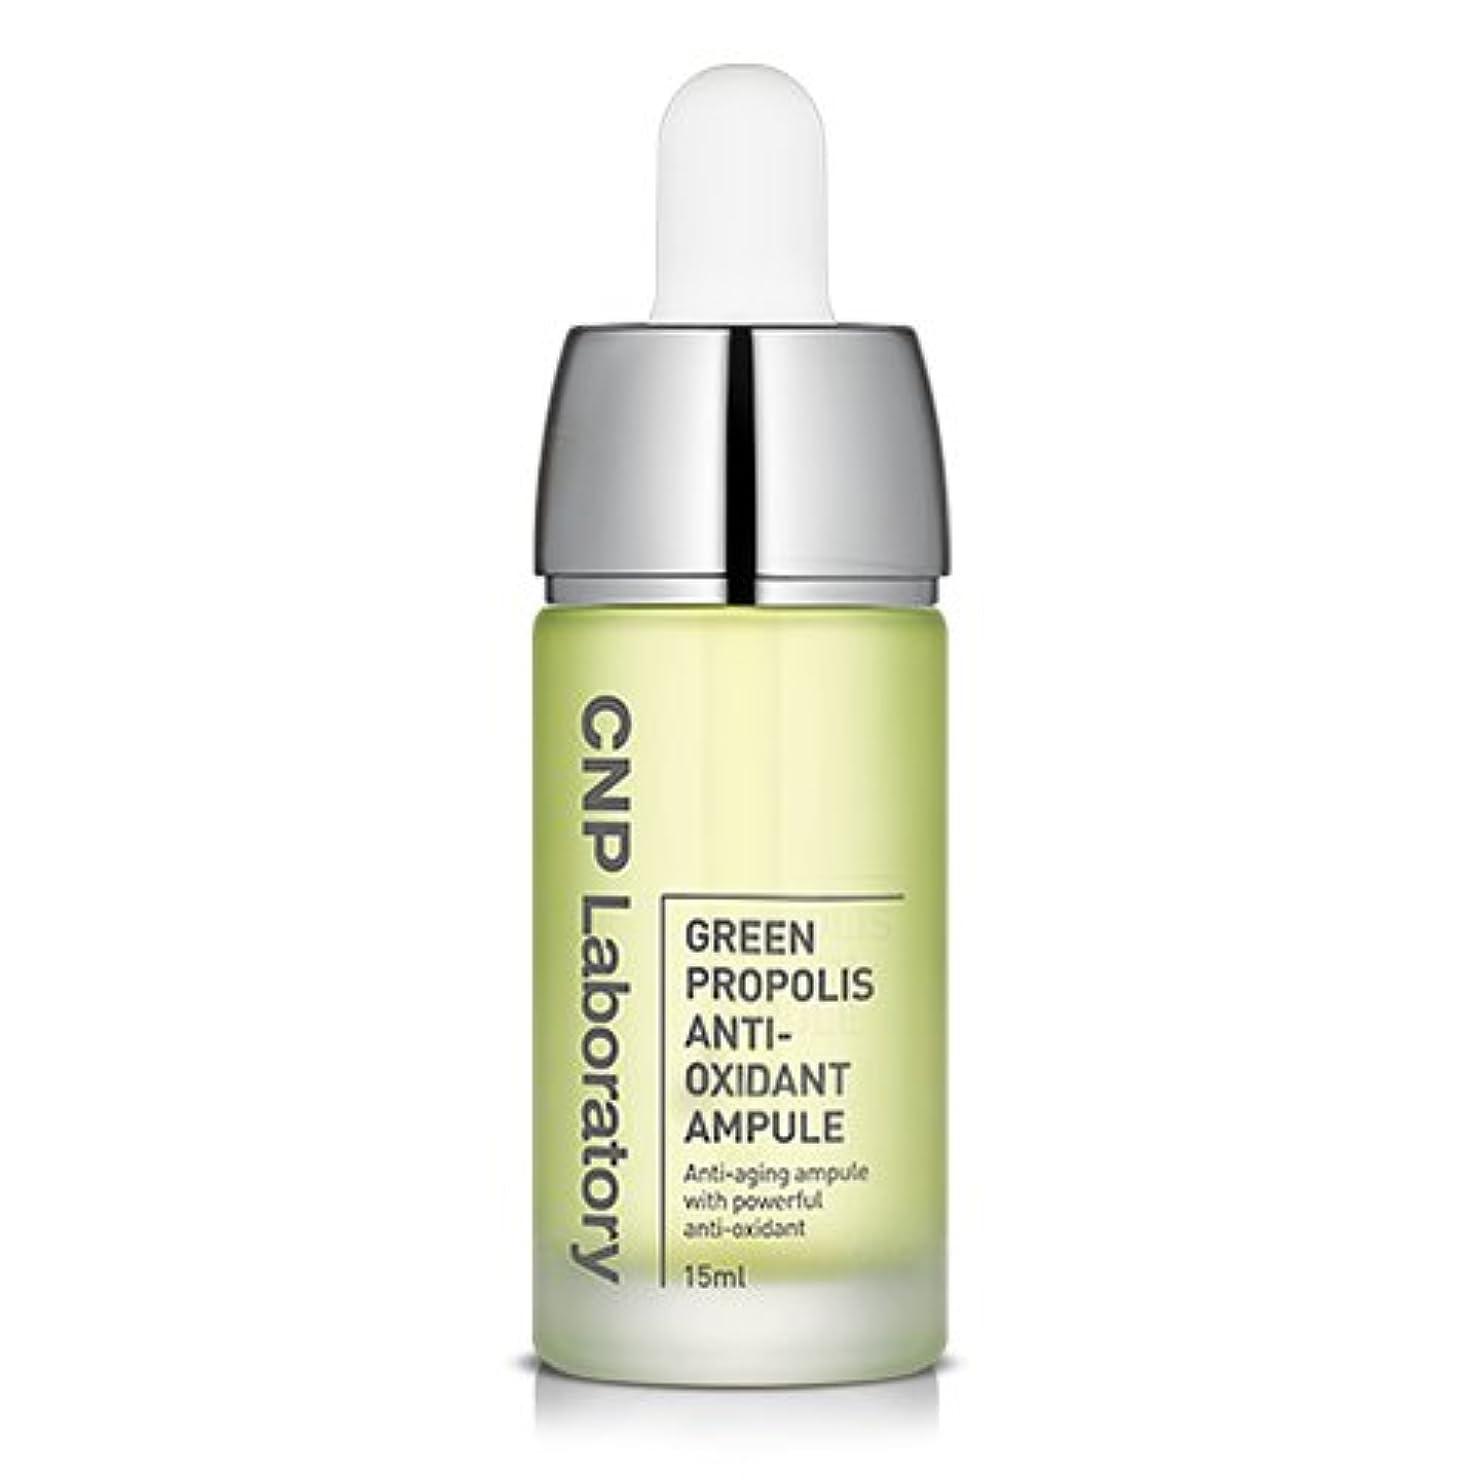 ホースアイザックスティーブンソンCNP Laboratory グリーンプロポリス酸化防止剤アンプル/Green Propolis Anti-Oxidant Ampule 15ml [並行輸入品]